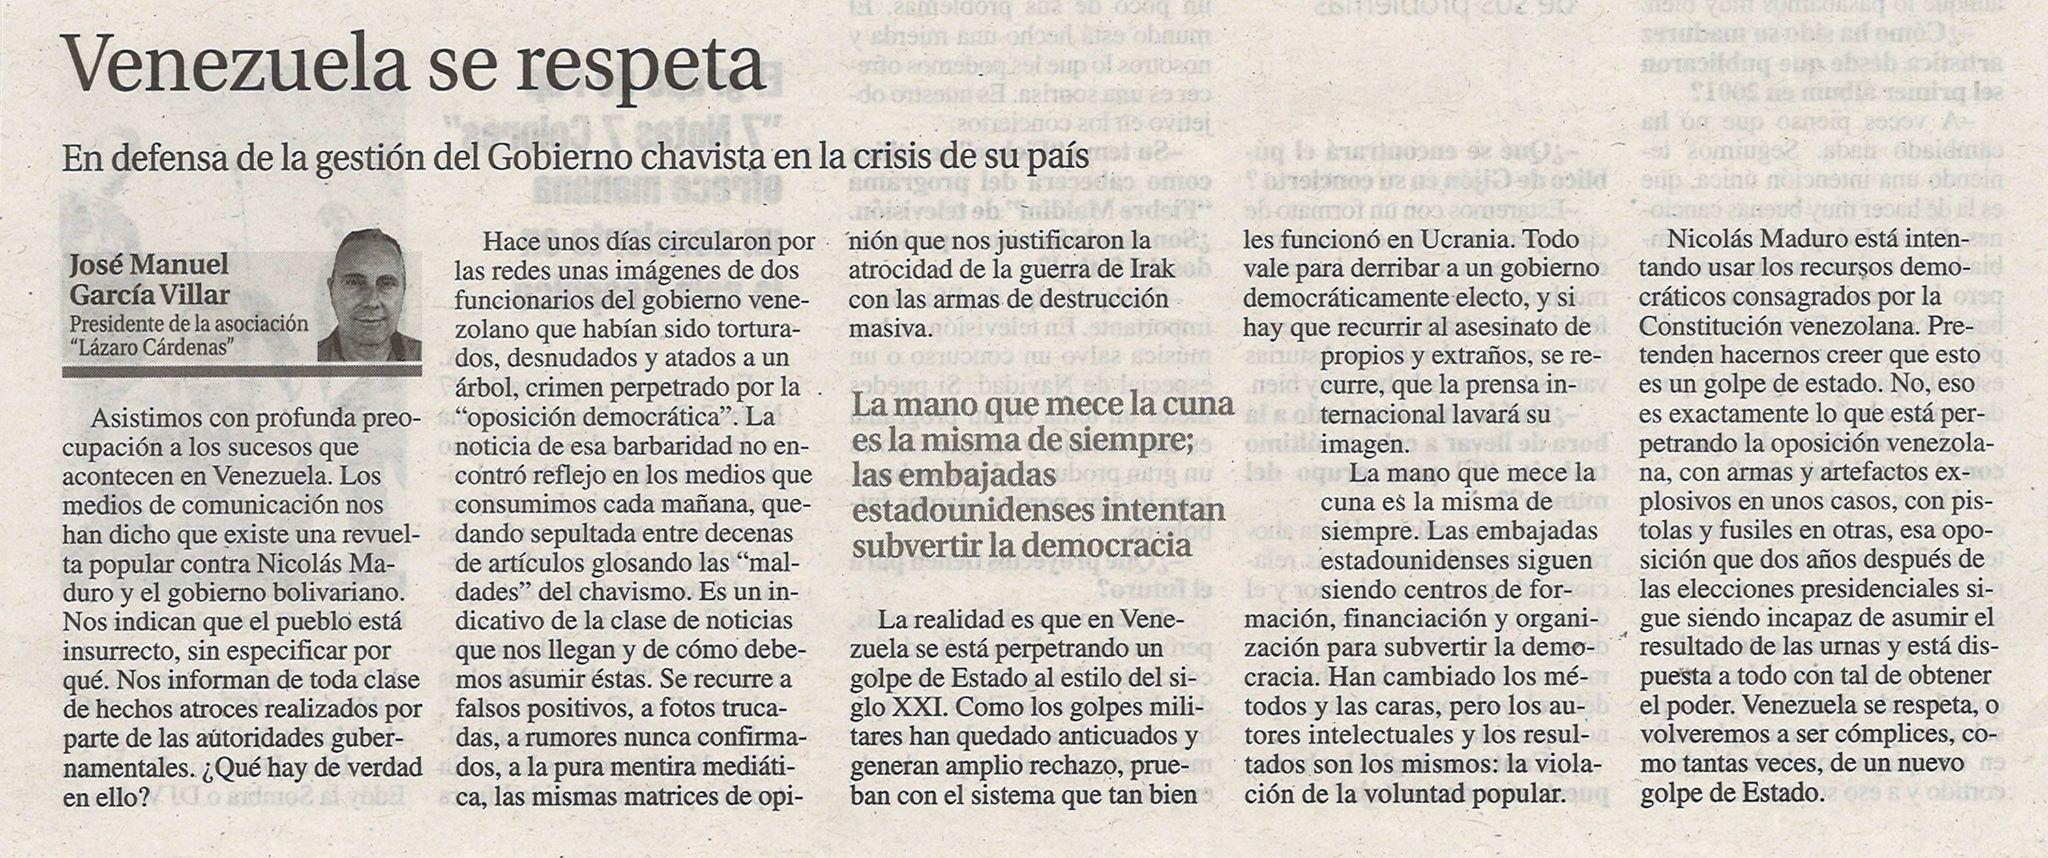 Artículo de José Manuel G. Villar